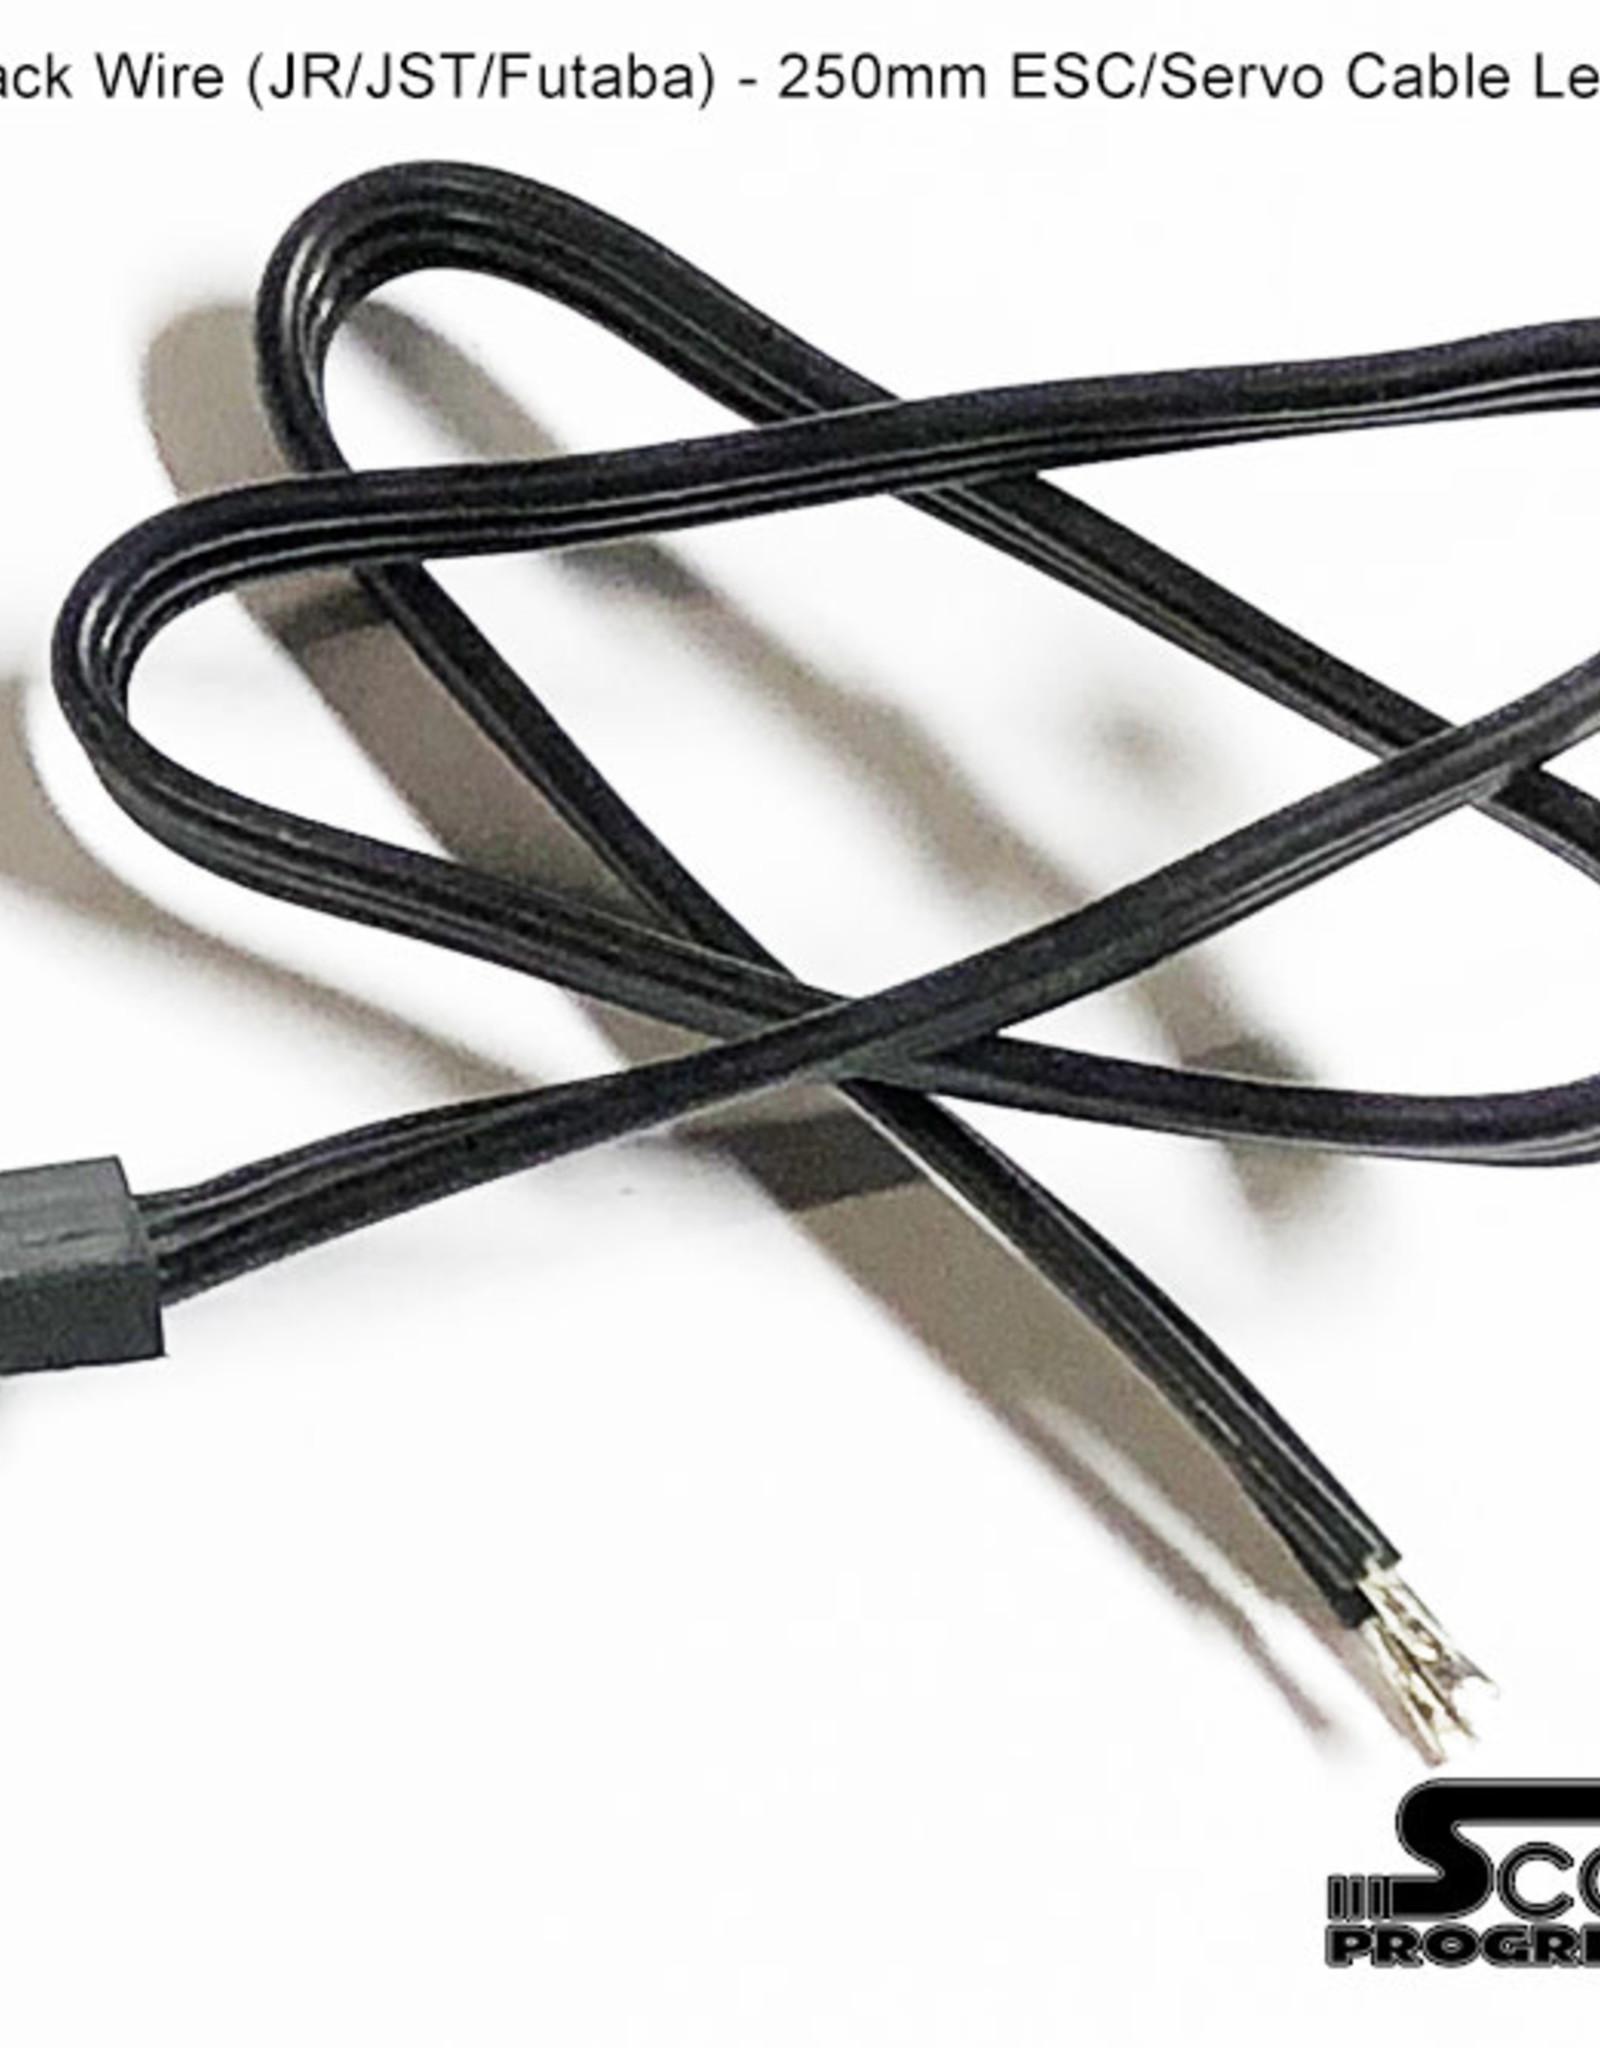 SR700150 250mm Servo Lead Black Bare End (DIY) Scale Reflex 700150